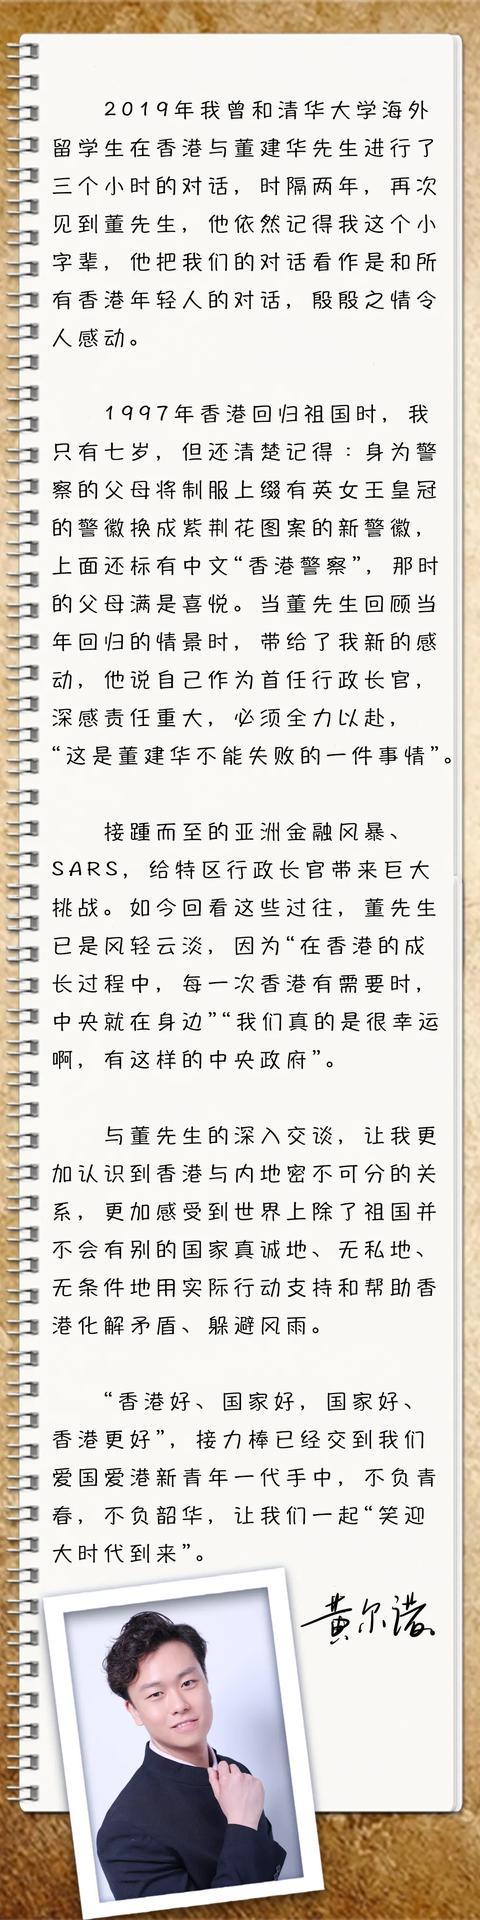 董建华:香港有需要时 中心总在身旁 第3张图片